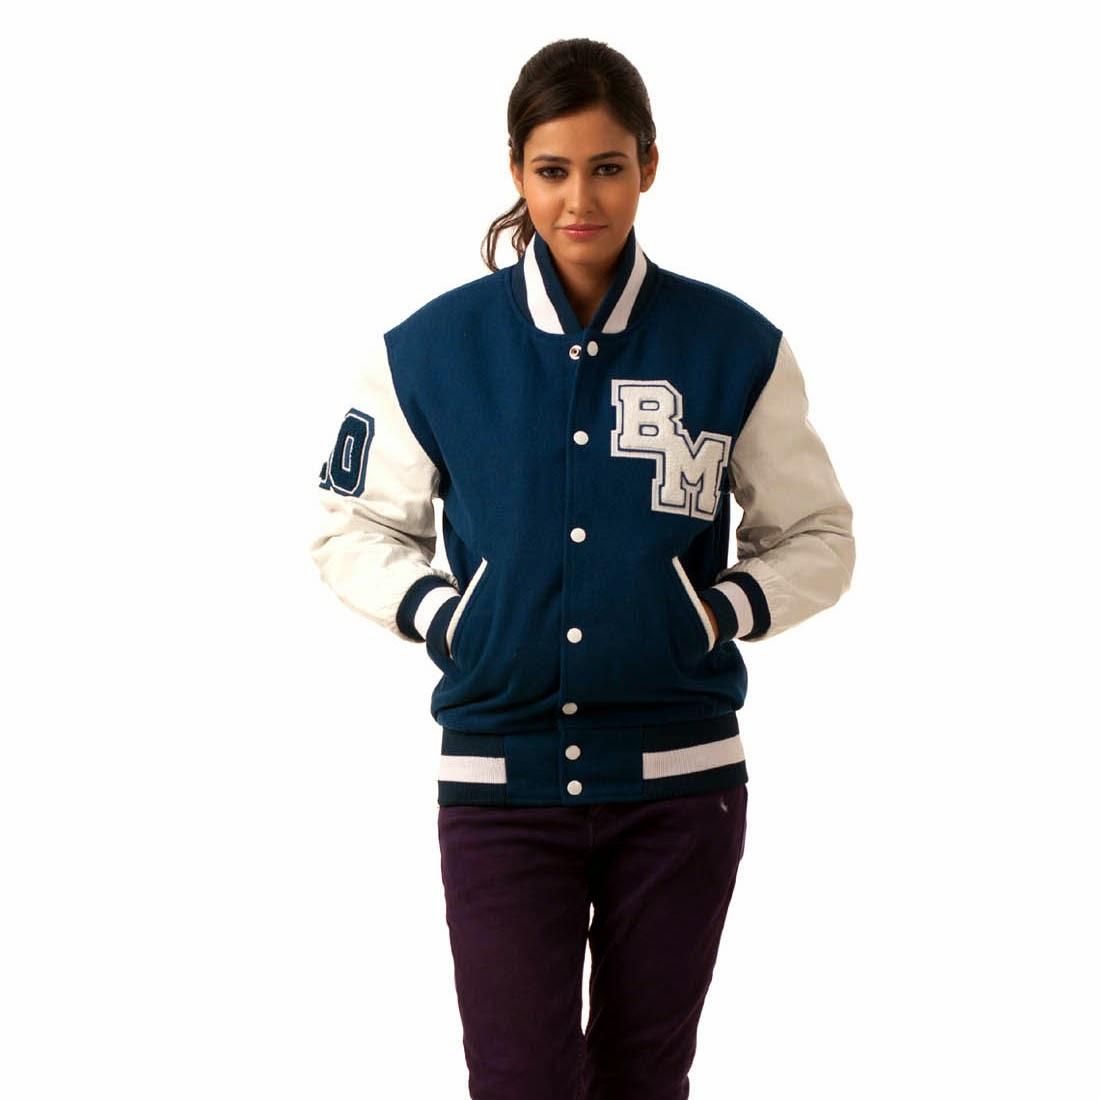 Varsity letterman jackets for women